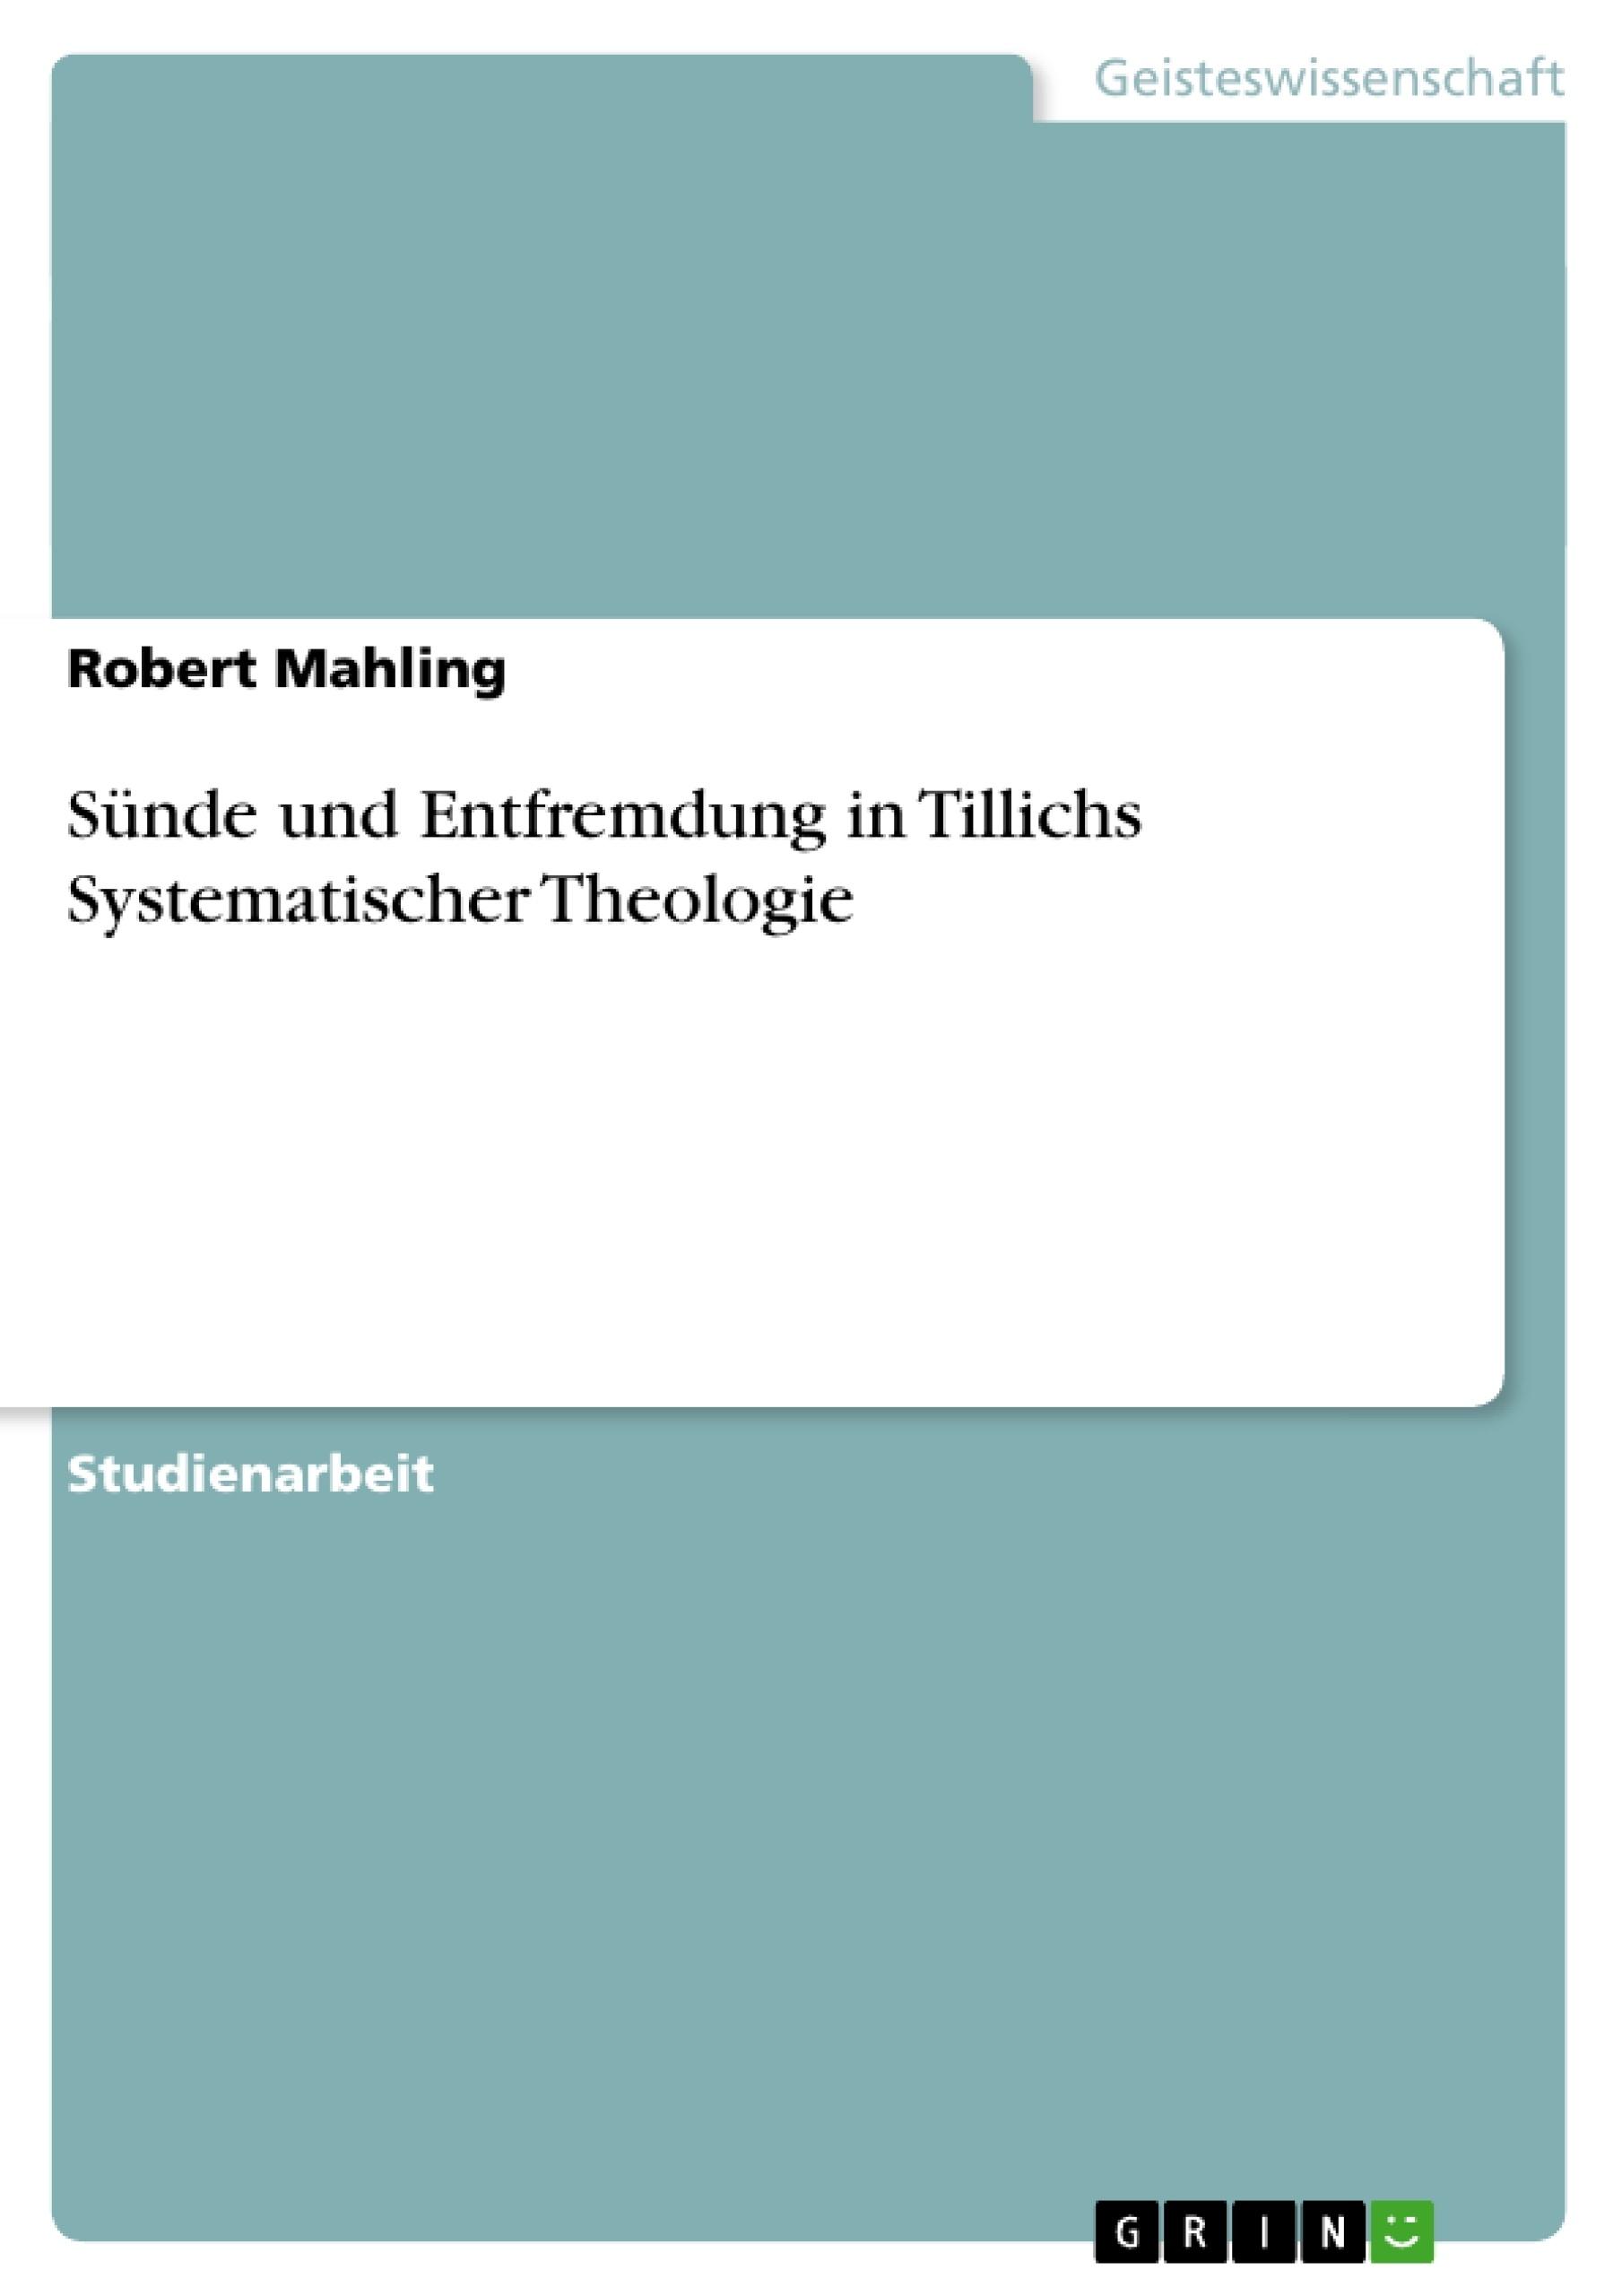 Titel: Sünde und Entfremdung in Tillichs Systematischer Theologie